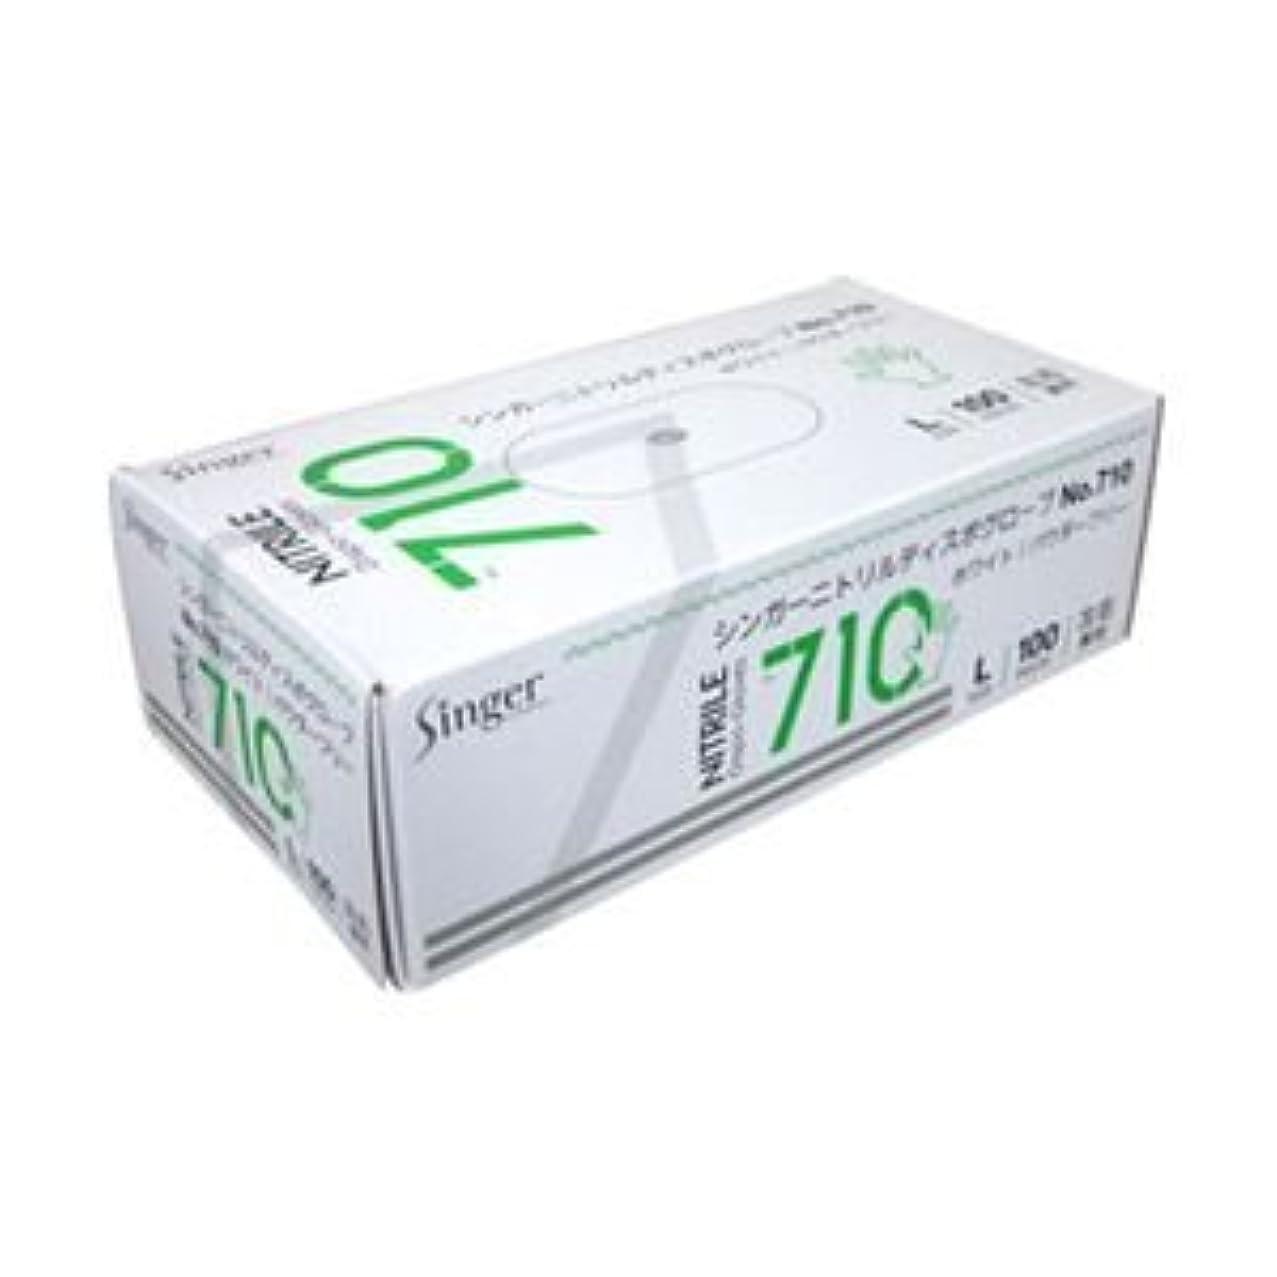 タイヤ蒸し器ドキドキ(業務用セット) ニトリル手袋 粉なし ホワイト L 1箱(100枚) 【×5セット】 dS-1642153